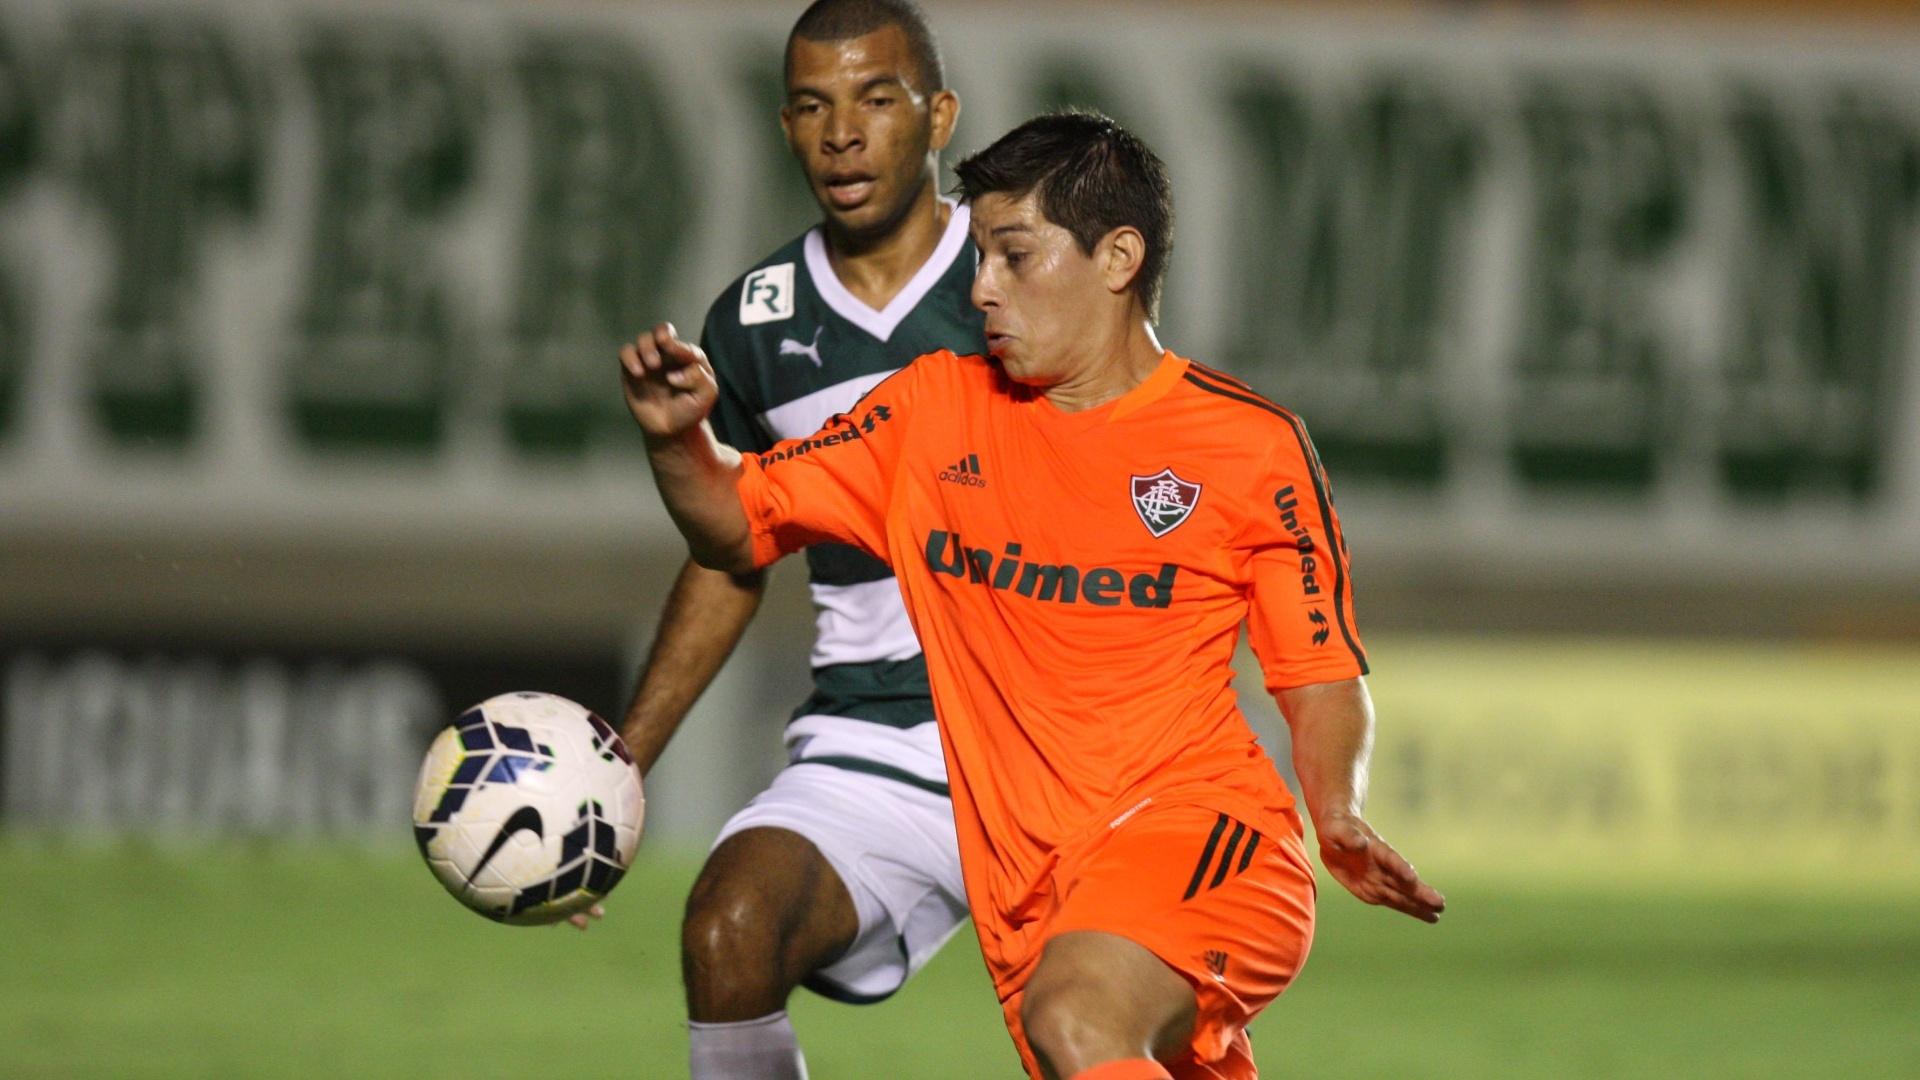 Conca encara a marcação de Amaral na partida entre Fluminense e Goias